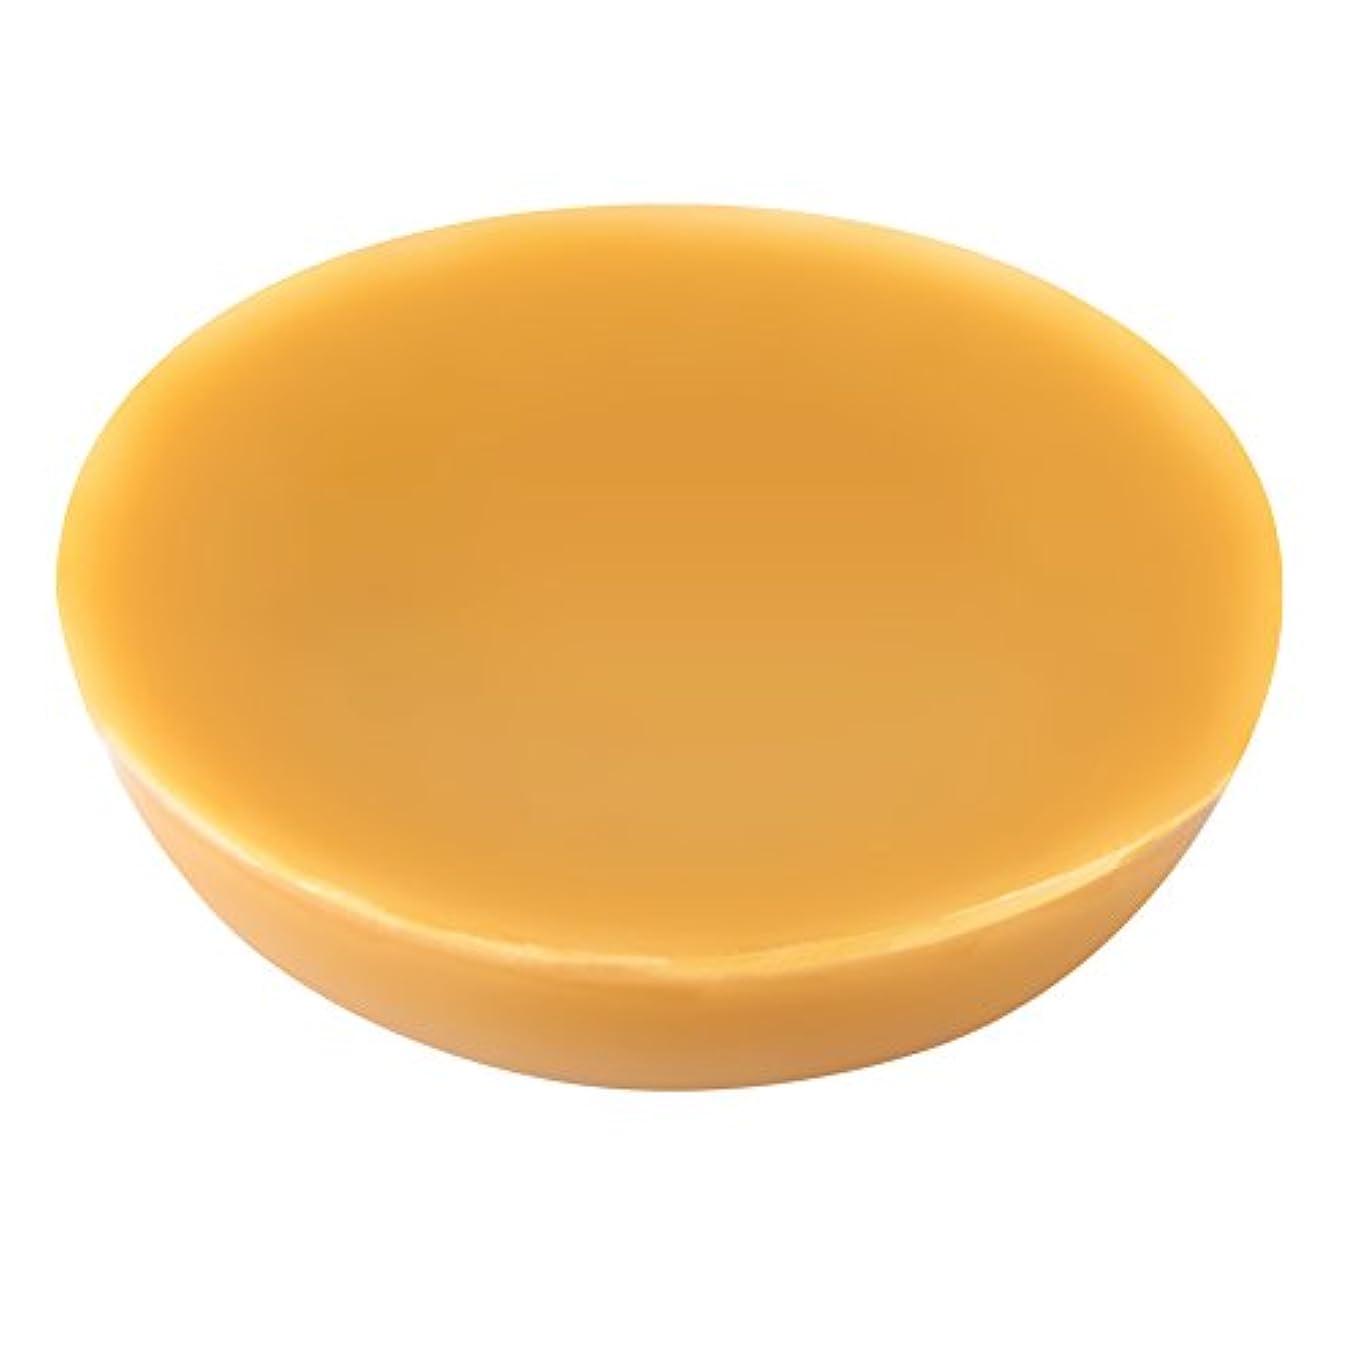 若者貝殻川自然な蜜蝋、石鹸の化粧品の口紅のための食品等級の自然で純粋な蜂のワックス